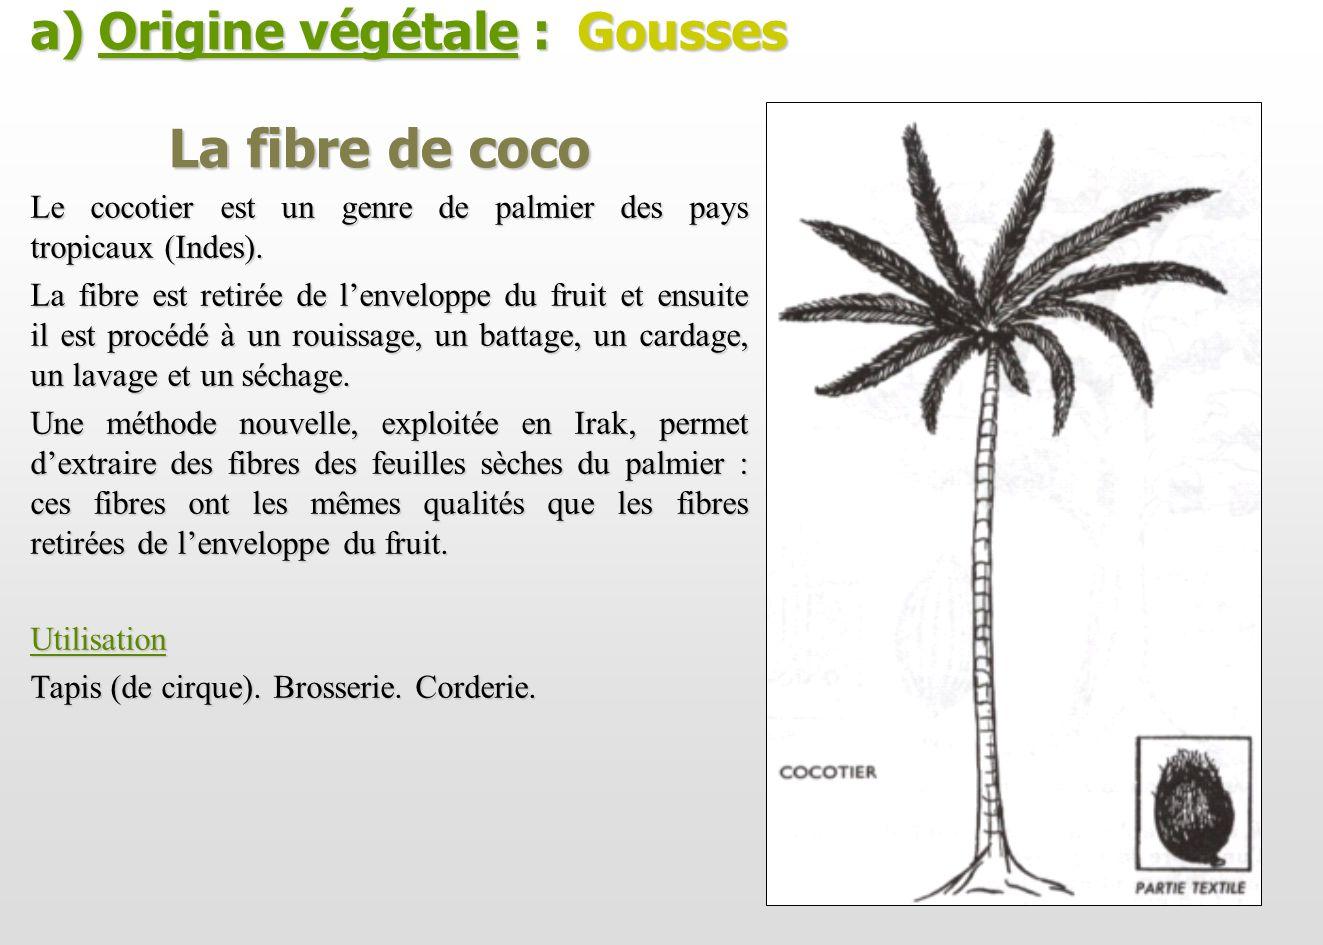 La fibre de coco Le cocotier est un genre de palmier des pays tropicaux (Indes). La fibre est retirée de lenveloppe du fruit et ensuite il est procédé